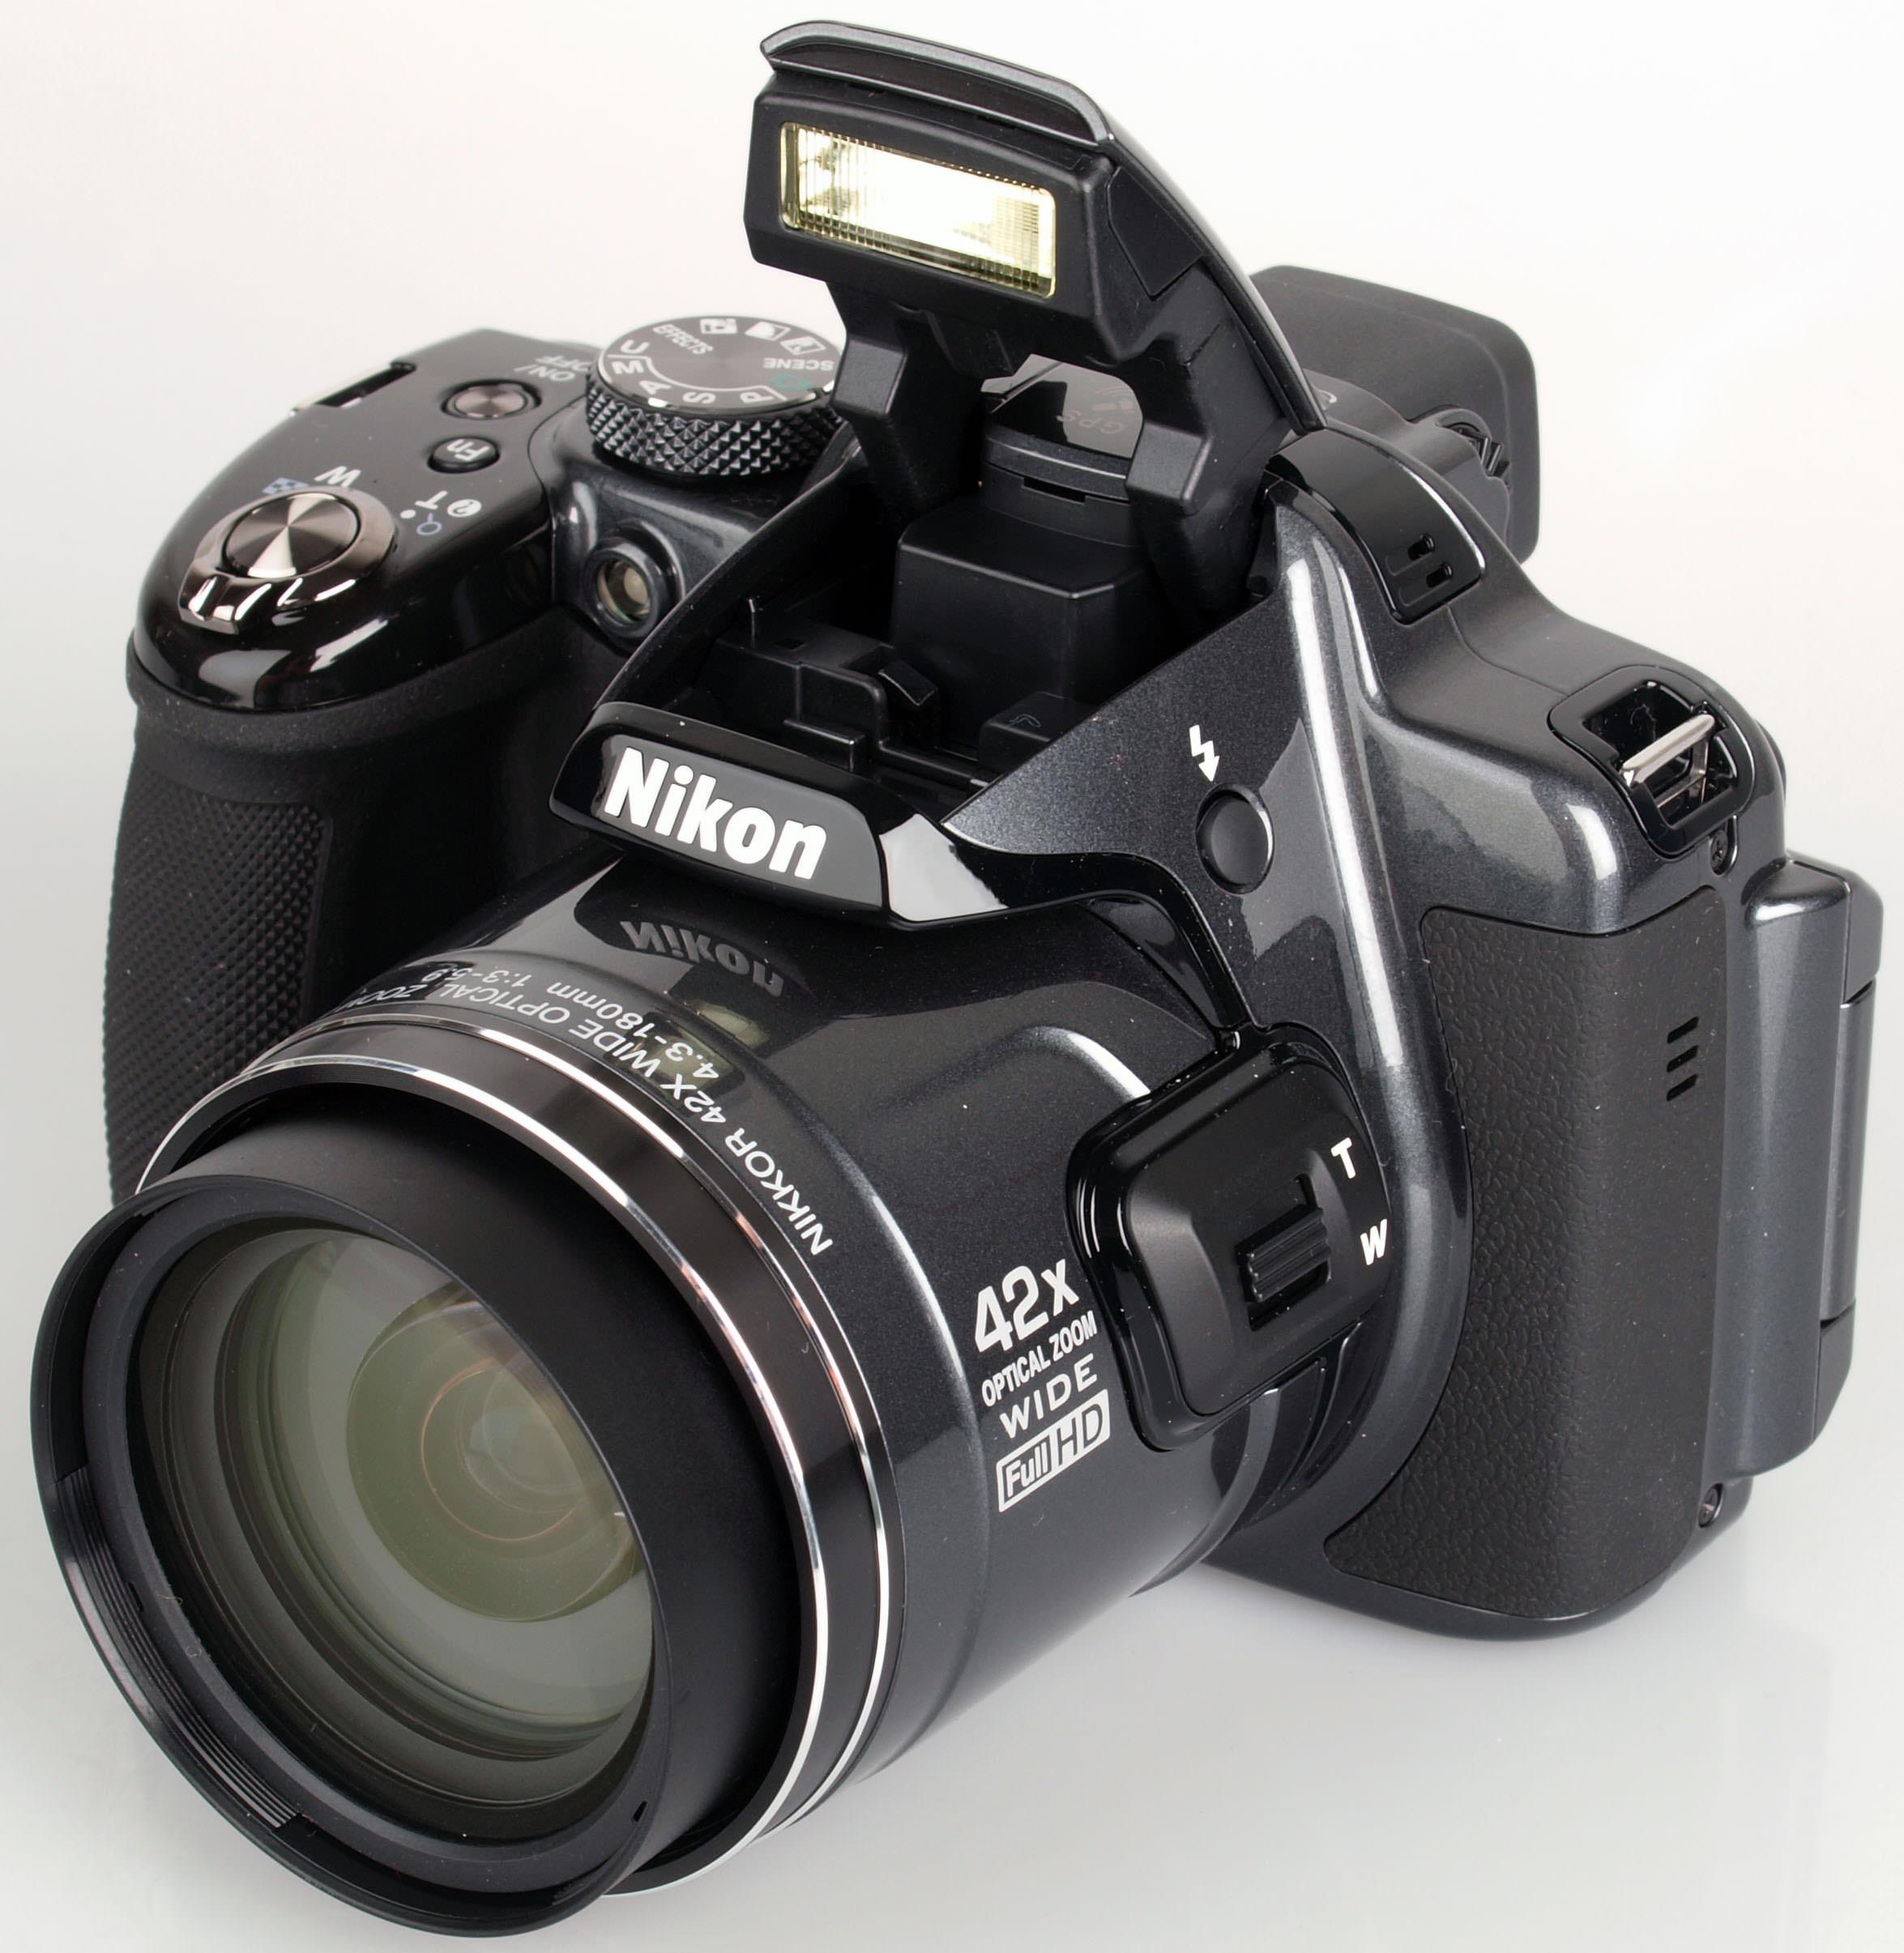 nikon coolpix p520 review rh ephotozine com mode d'emploi appareil photo nikon coolpix p520 Nikon P520 Camera Case